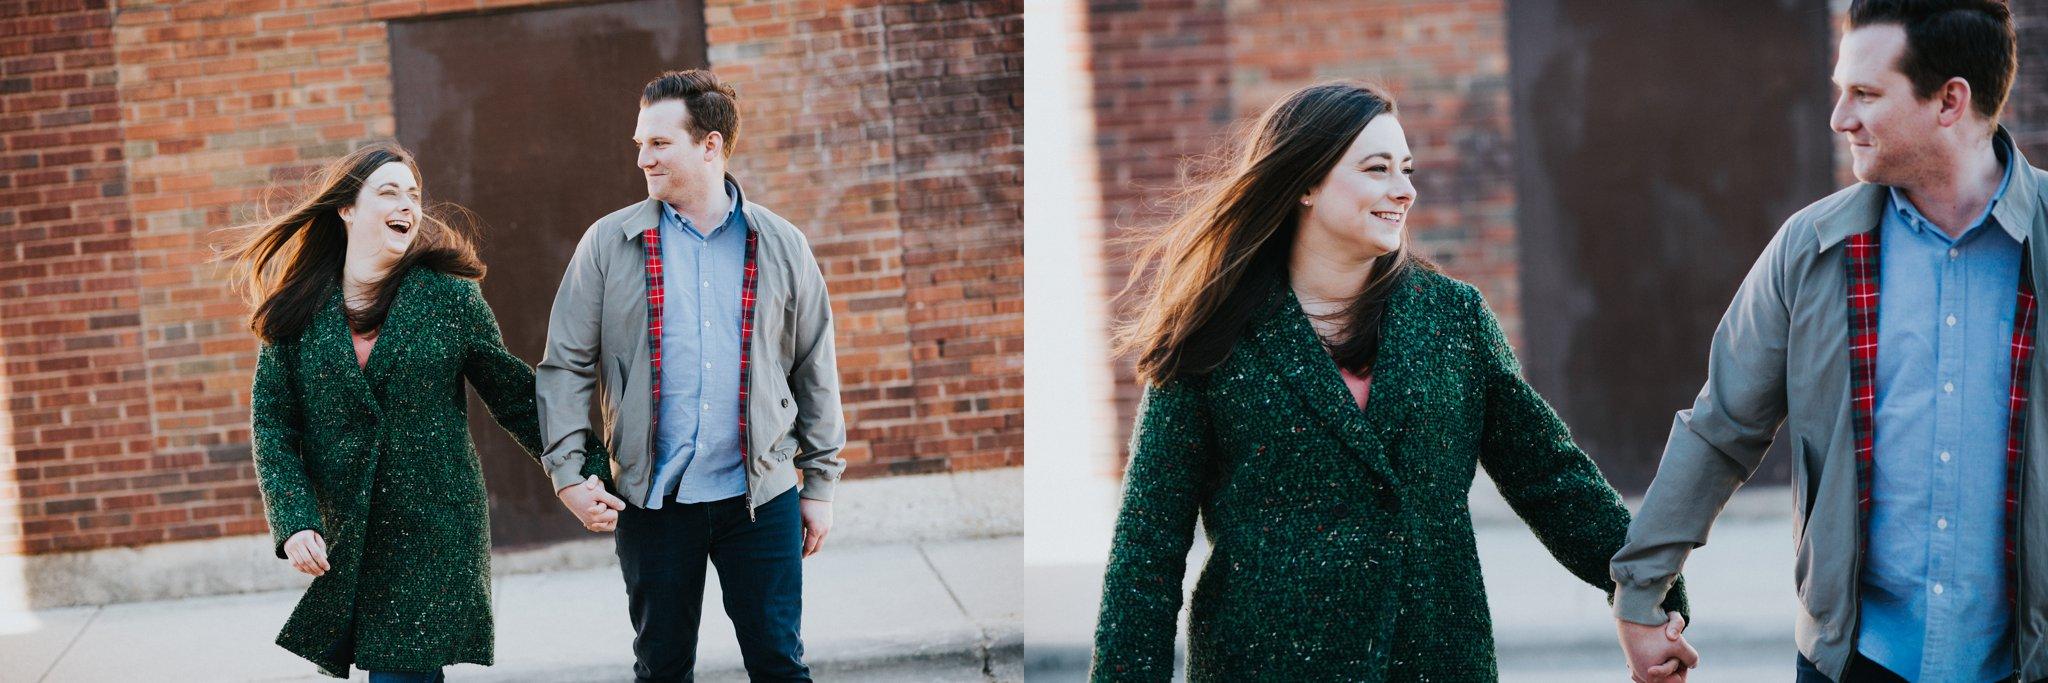 Madison Lifestyle Photography